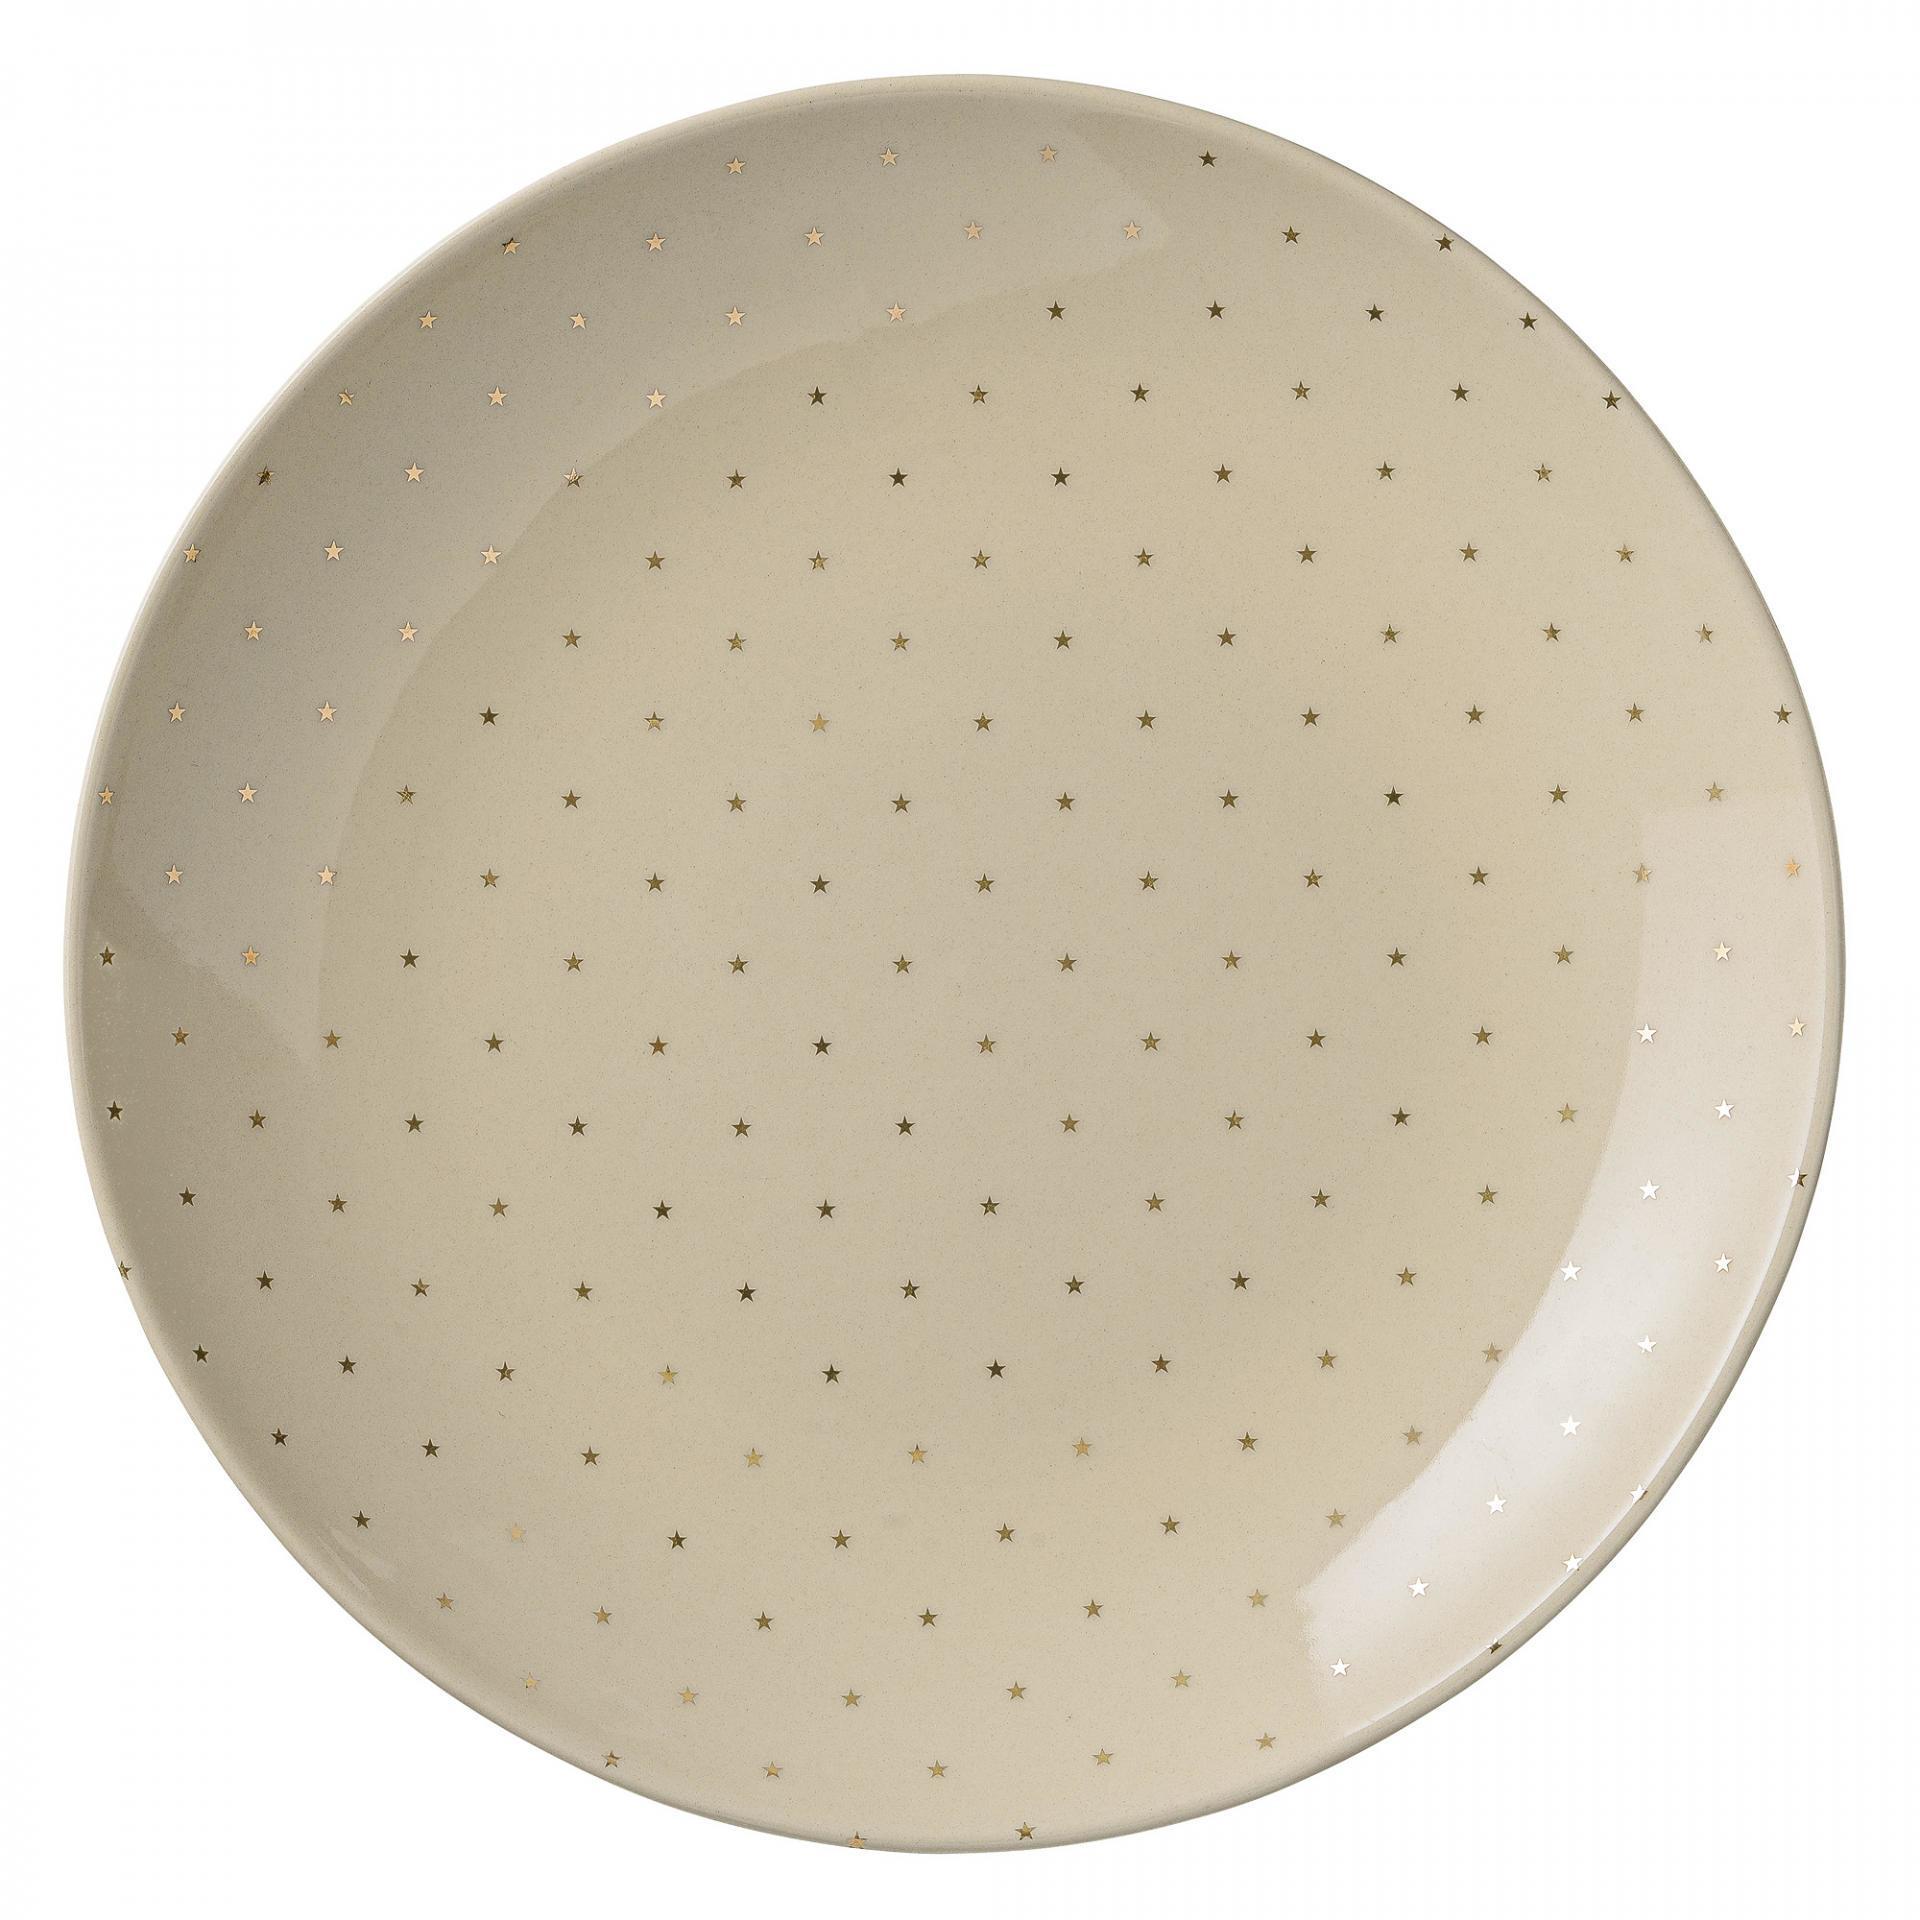 Bloomingville Keramický talíř Fanny Gold 25 cm, zlatá barva, krémová barva, keramika